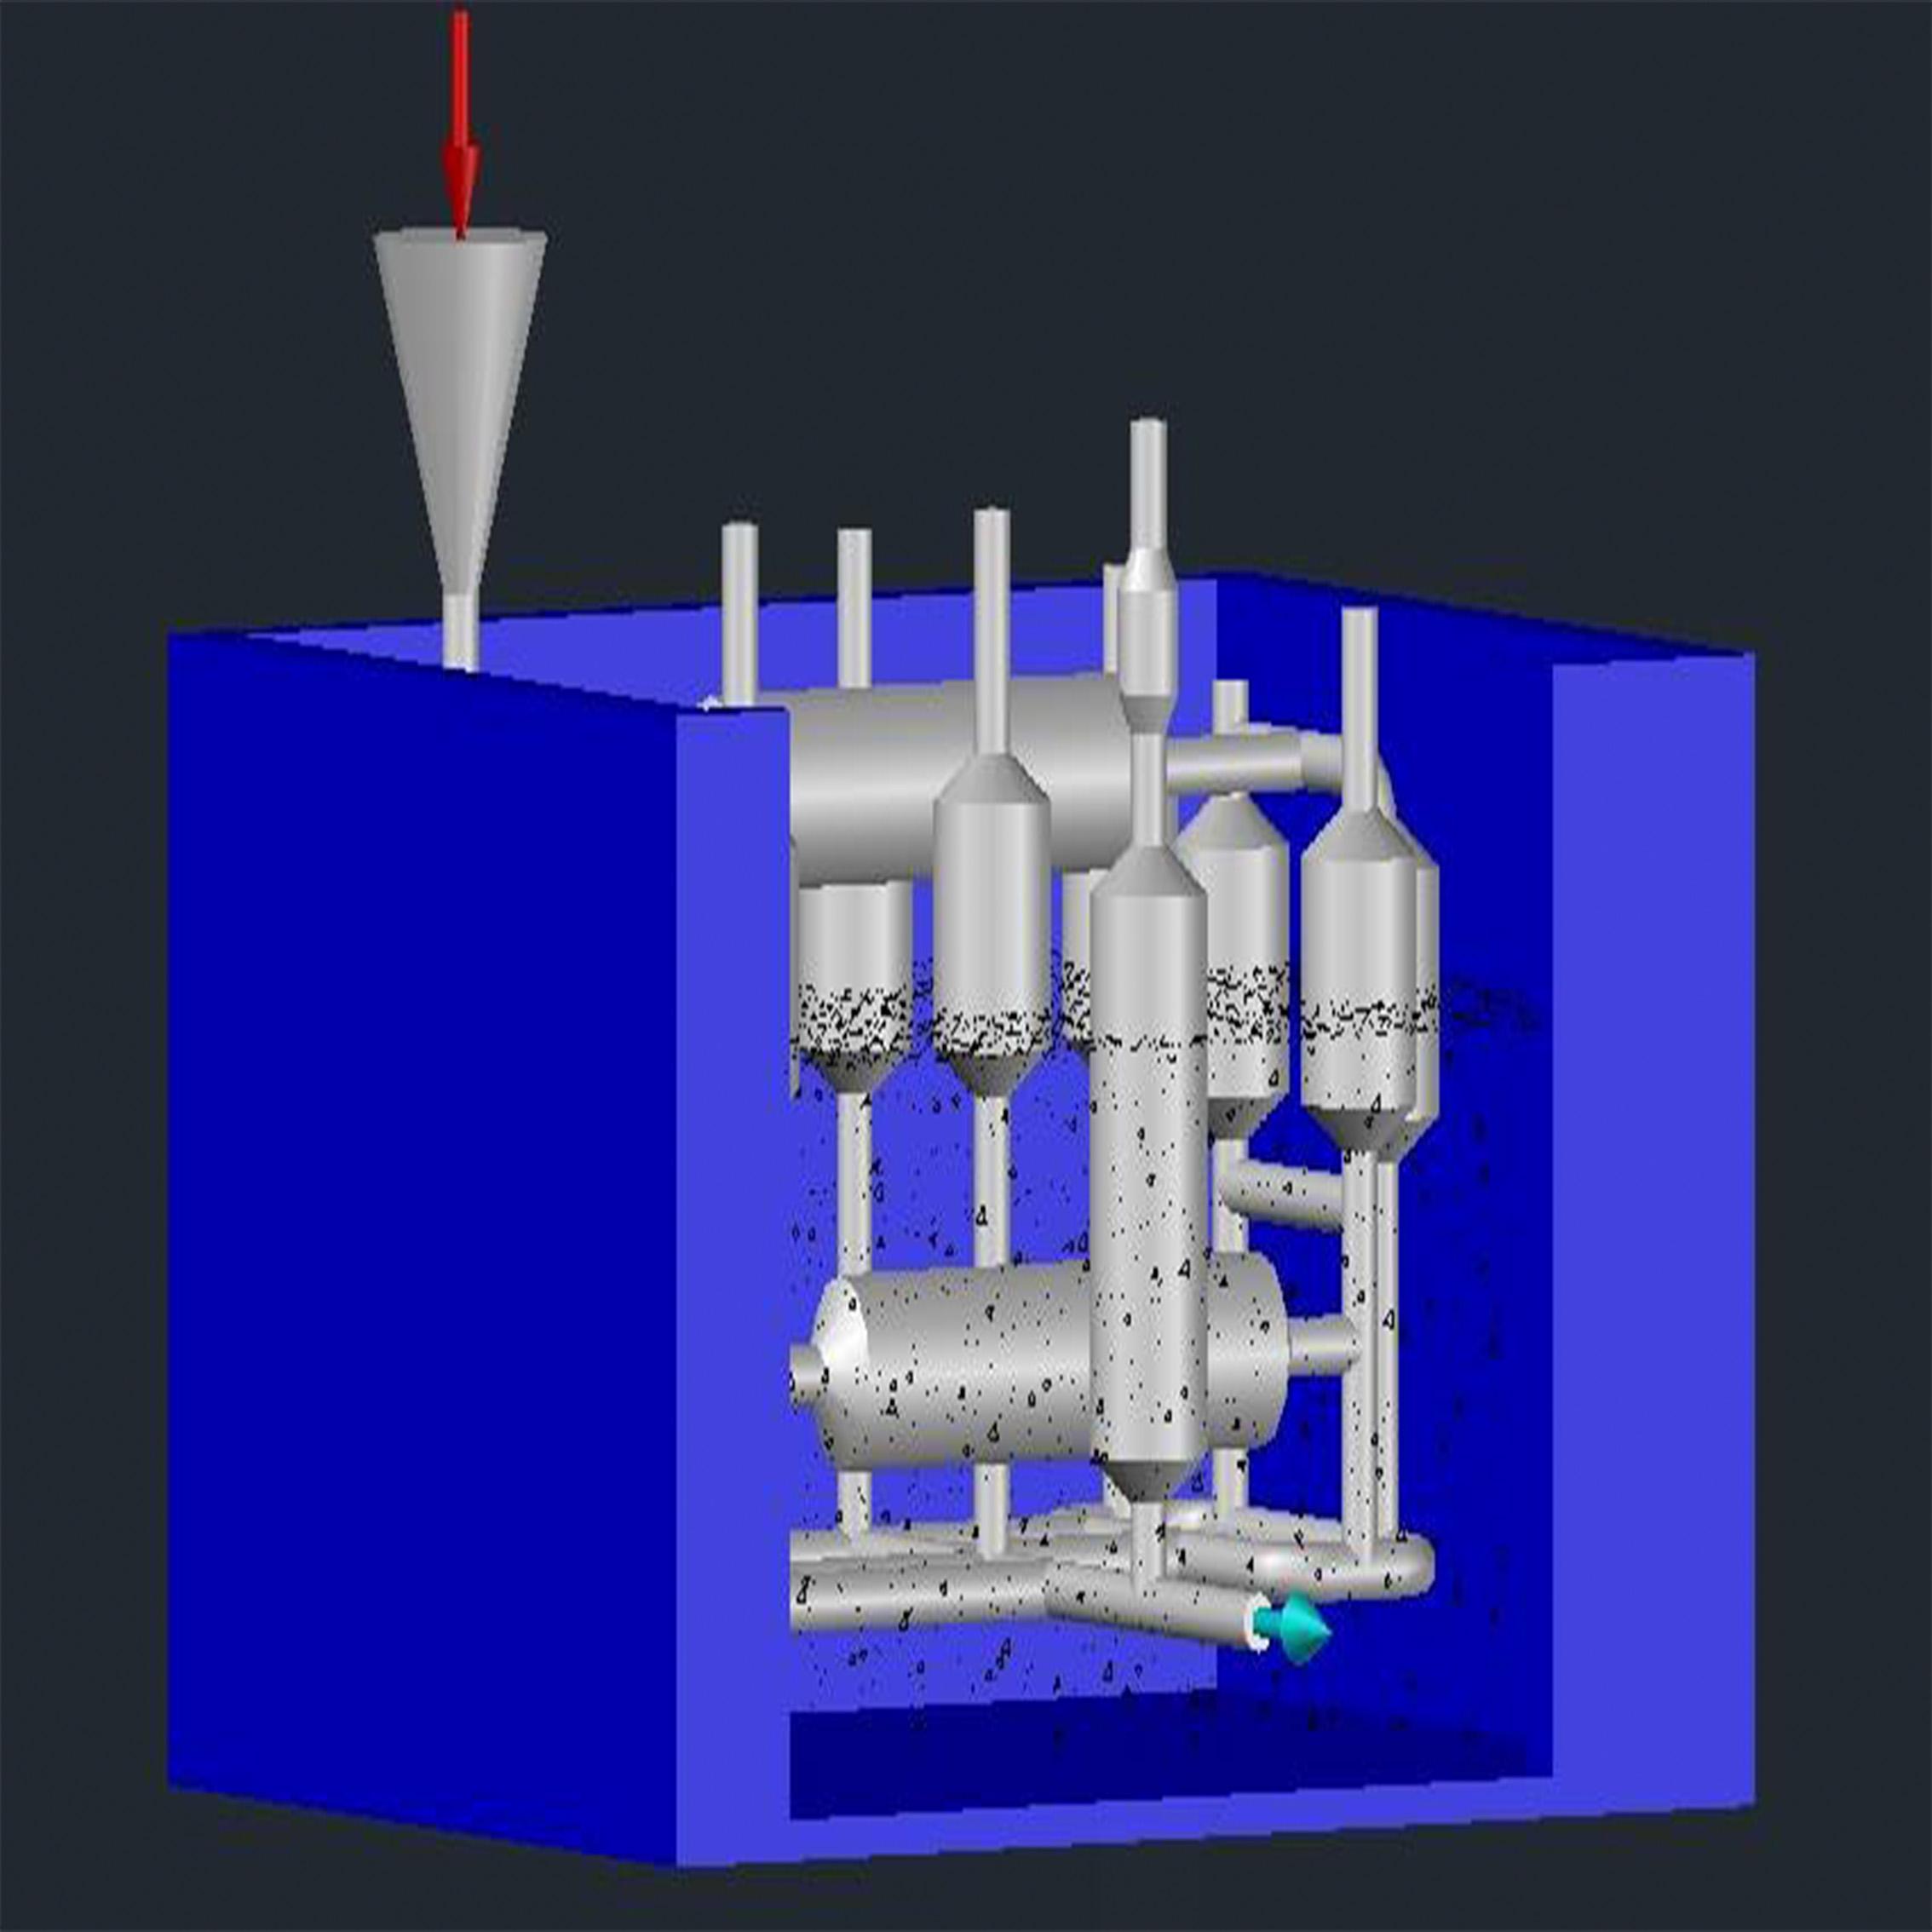 Xử lý nước thải tinh bột sắn bằng công nghệ MET